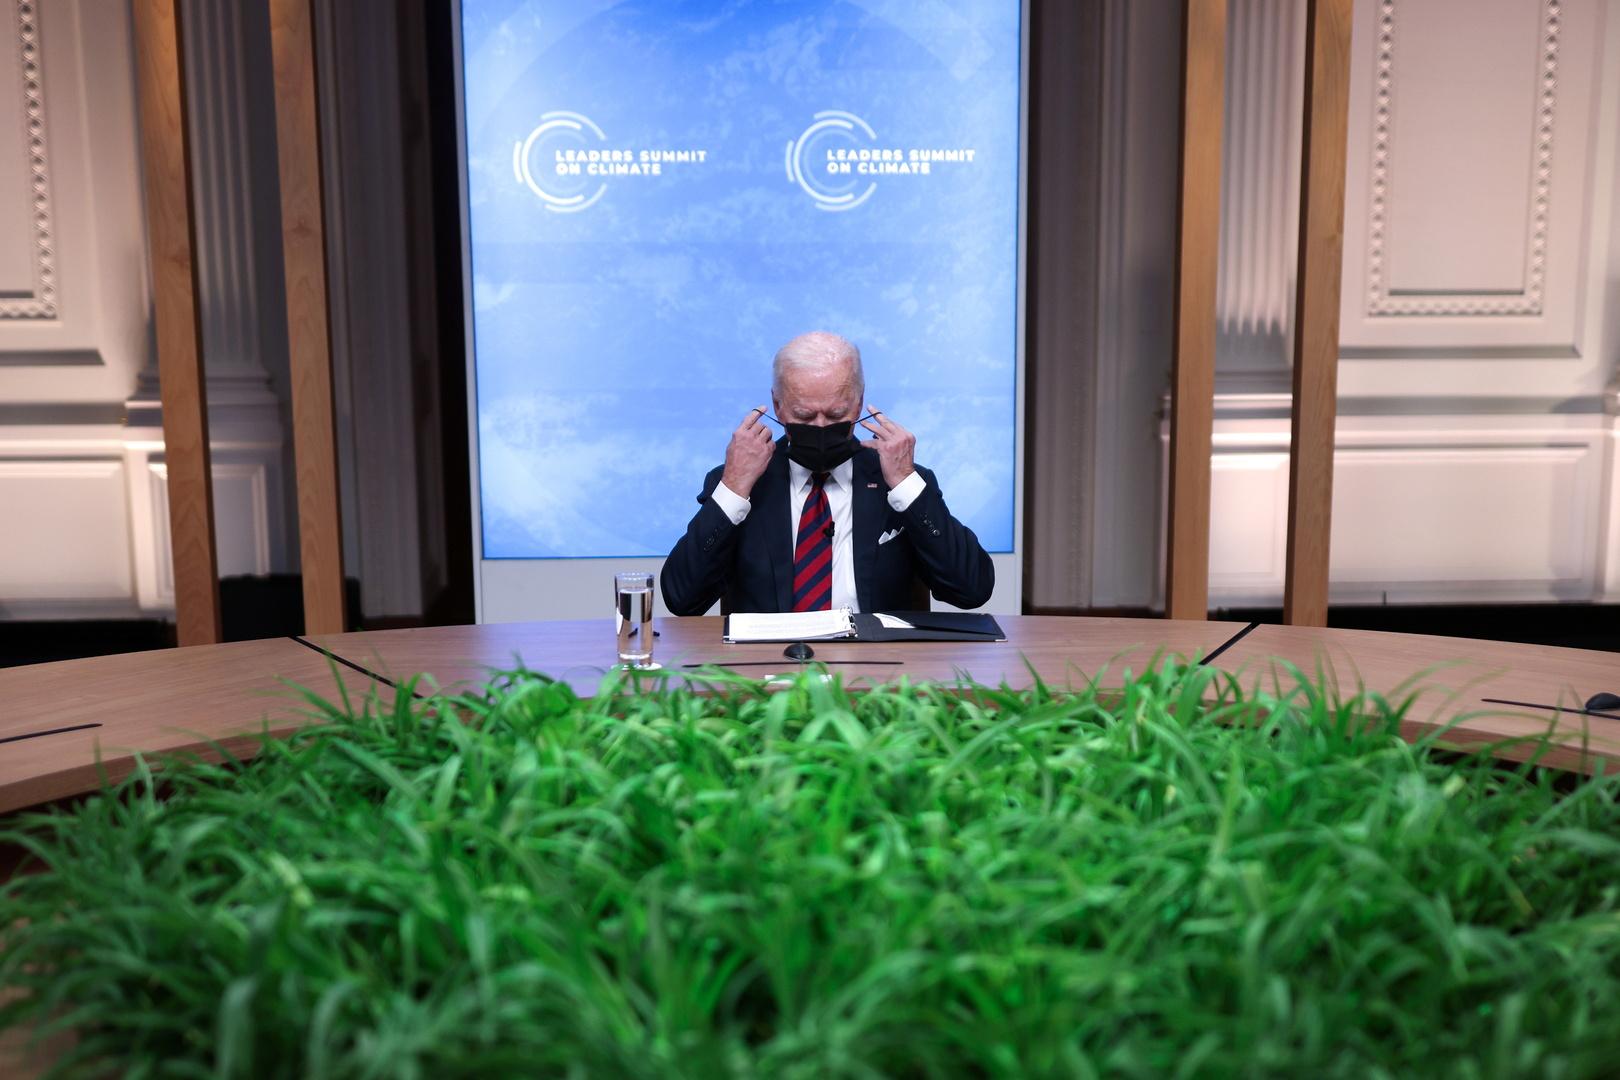 بايدن يفتتح قمة المناخ الافتراضية ويتعهد بالانتقال لاقتصاد خالي من الكربون حتى 2050